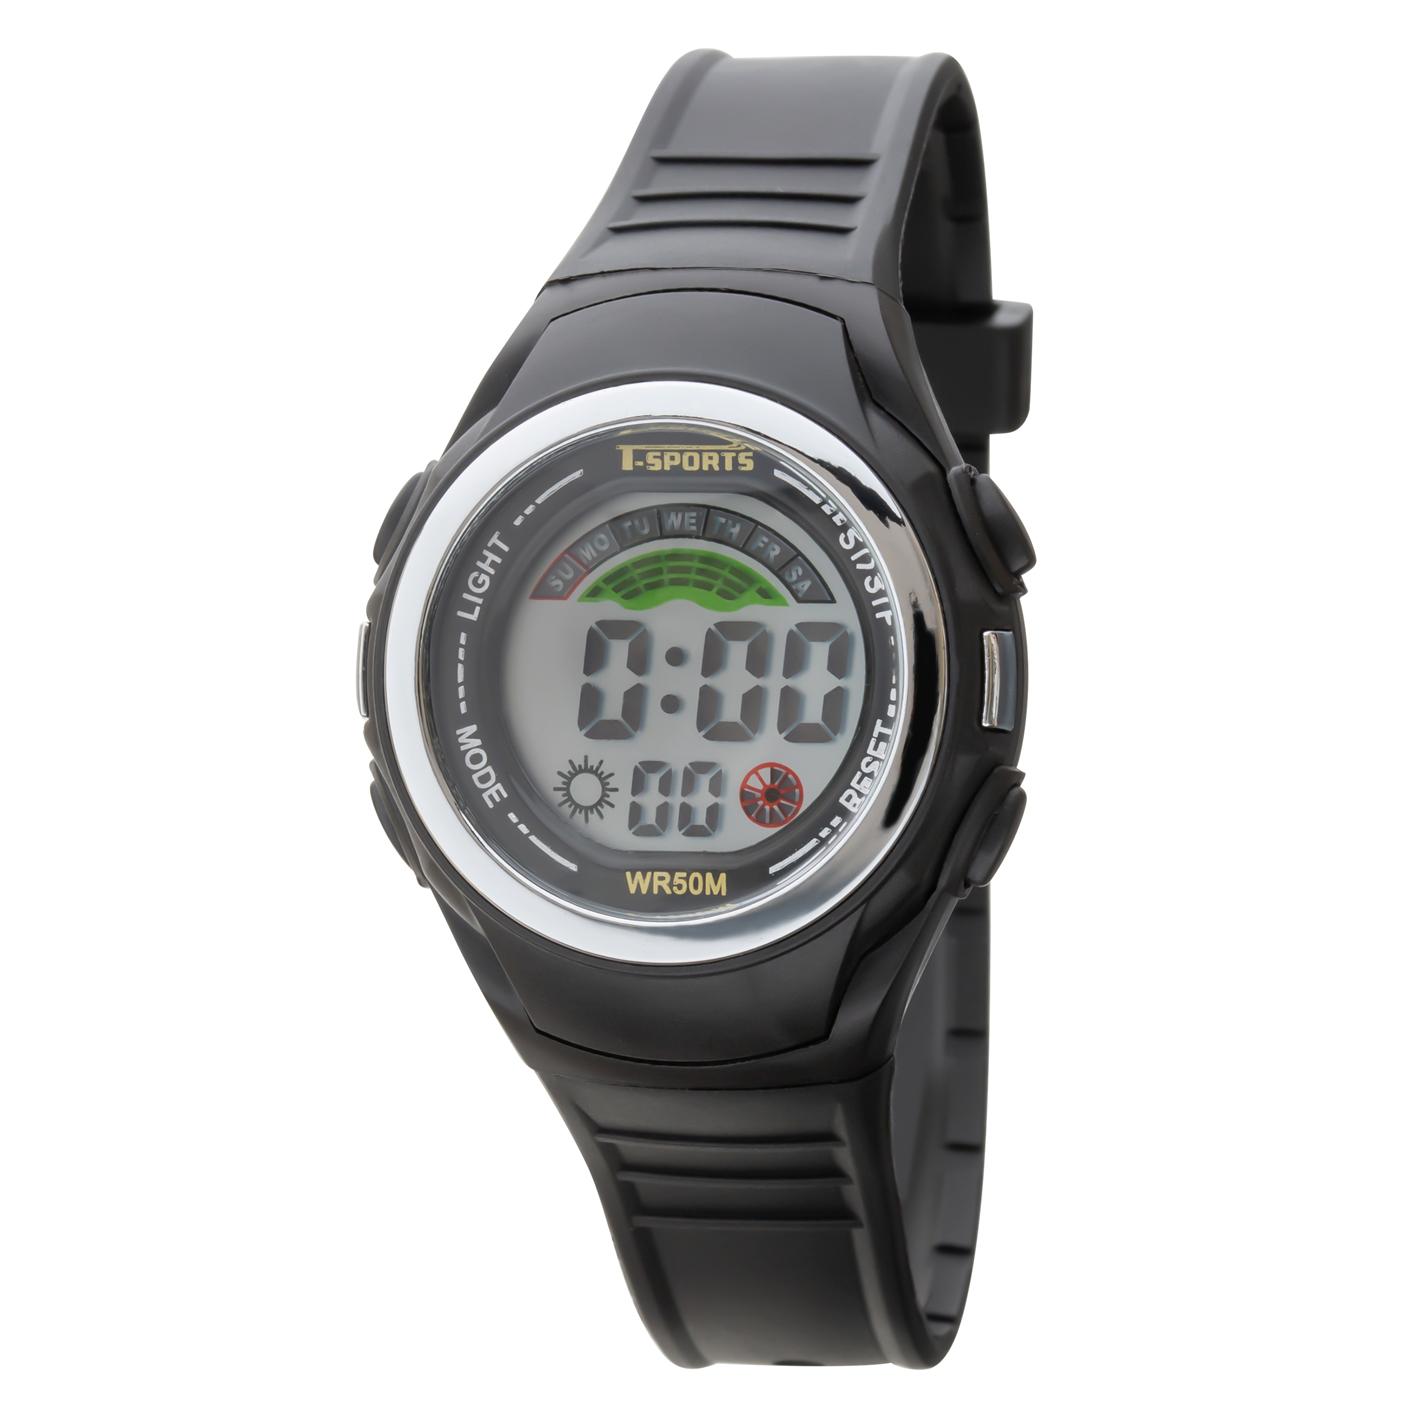 T-SPORTS ティースポーツ デジタルウオッチ 腕時計【TS-D158】